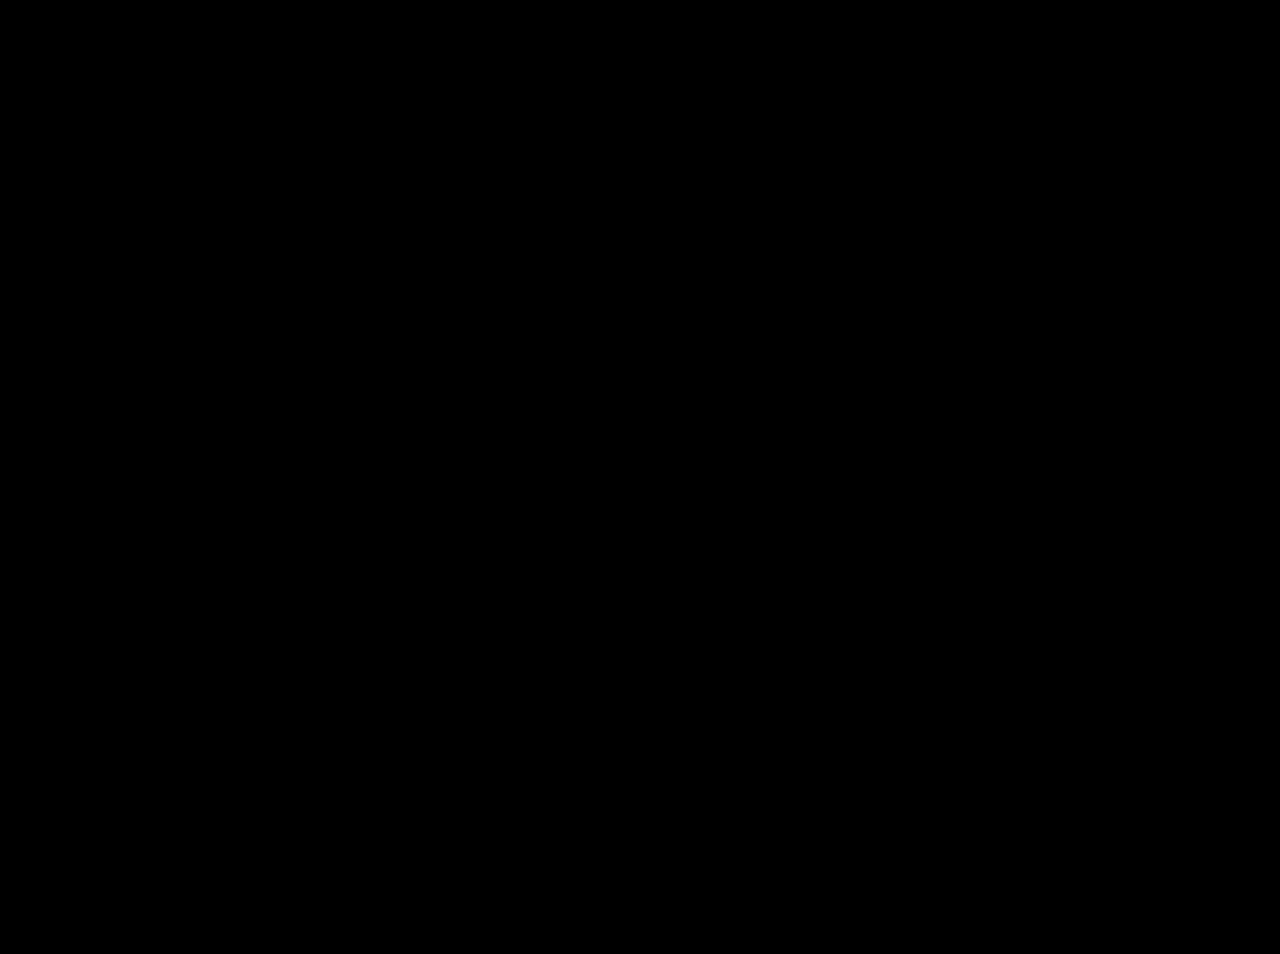 Logo de l'UNESCO